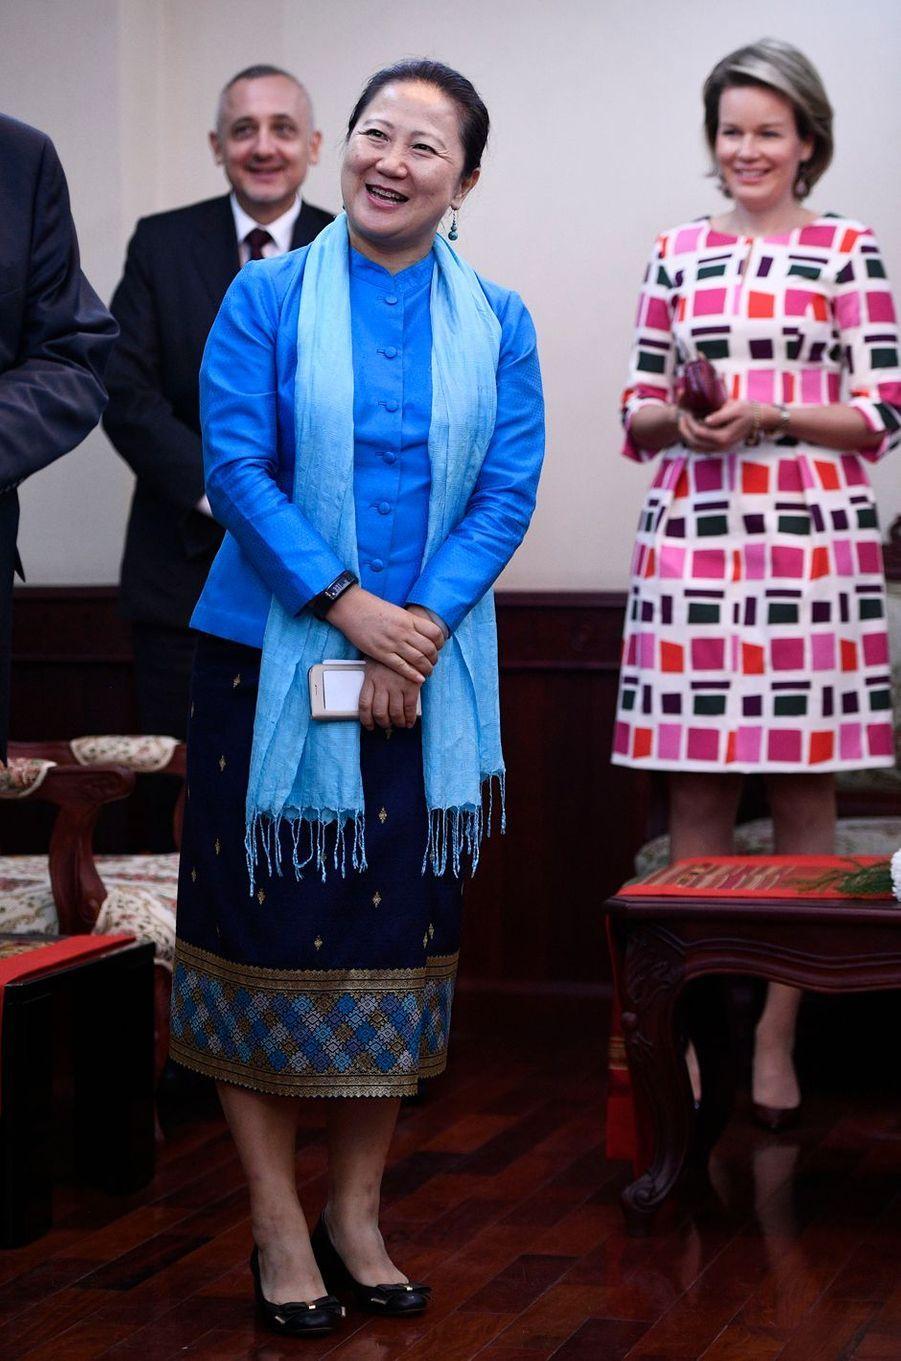 La reine Mathilde Mathilde de Belgique avec la présidente d'Unicef Laos à Vientiane, le 20 février 2017